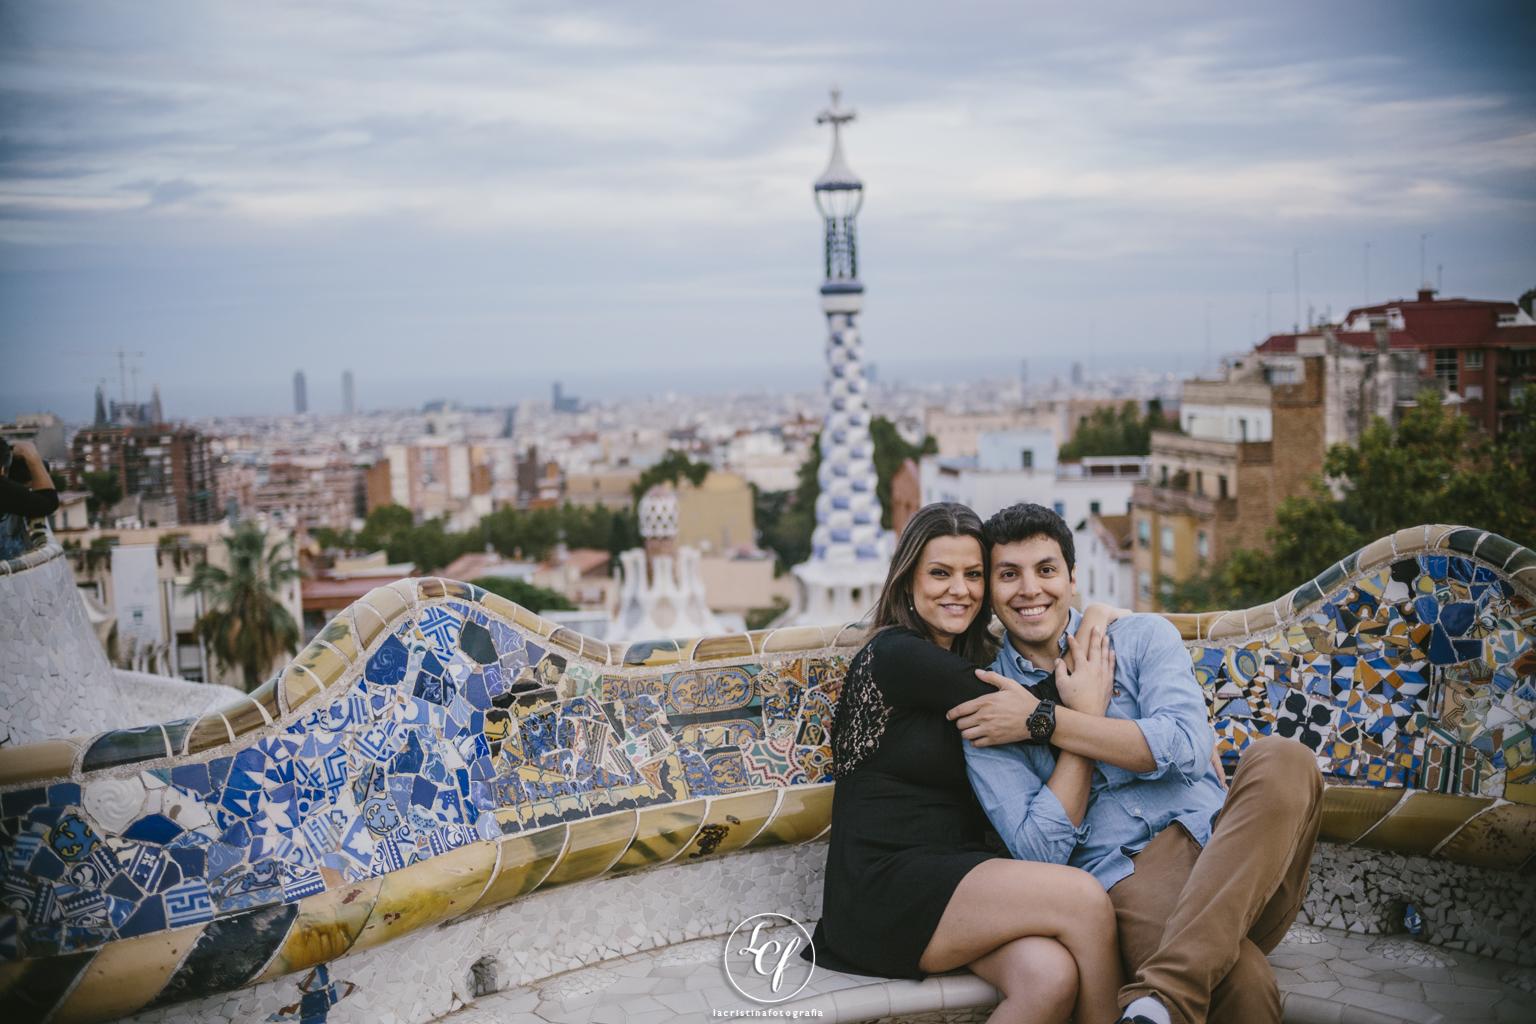 fotógrafo de pareja barcelona :: sesión preboda barcelona :: fotógrafo romántico :: brasil